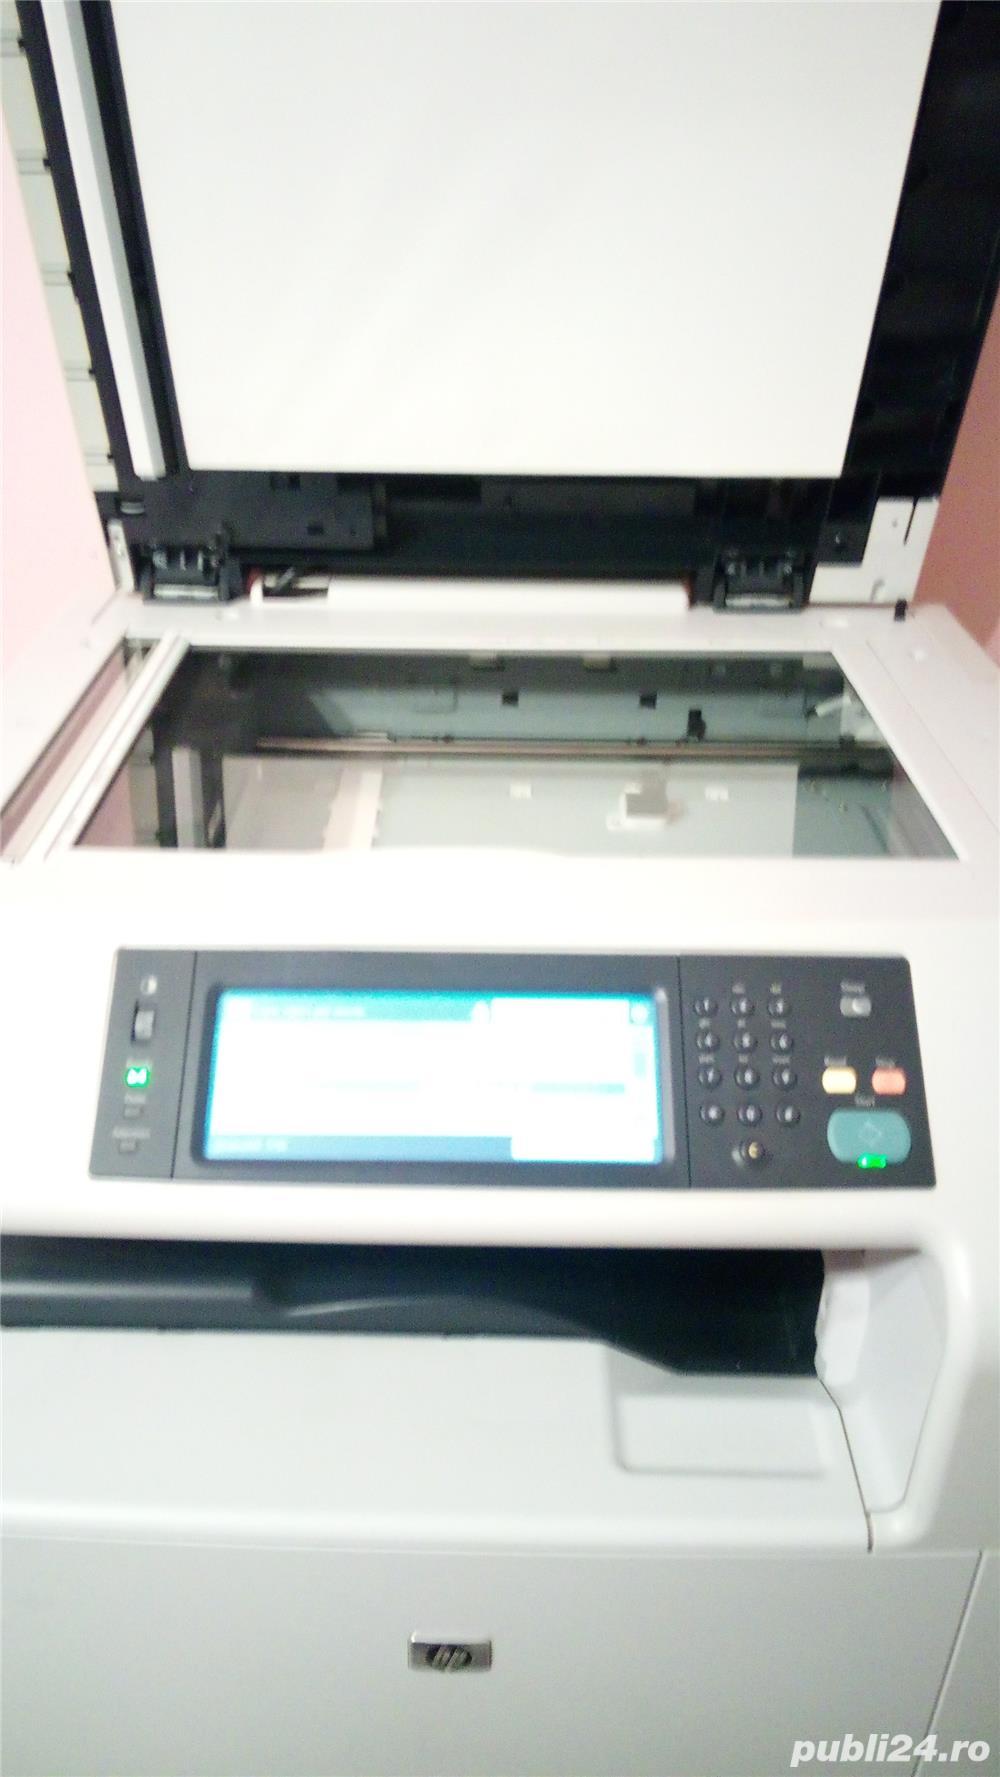 Multifuncțională HP laser color